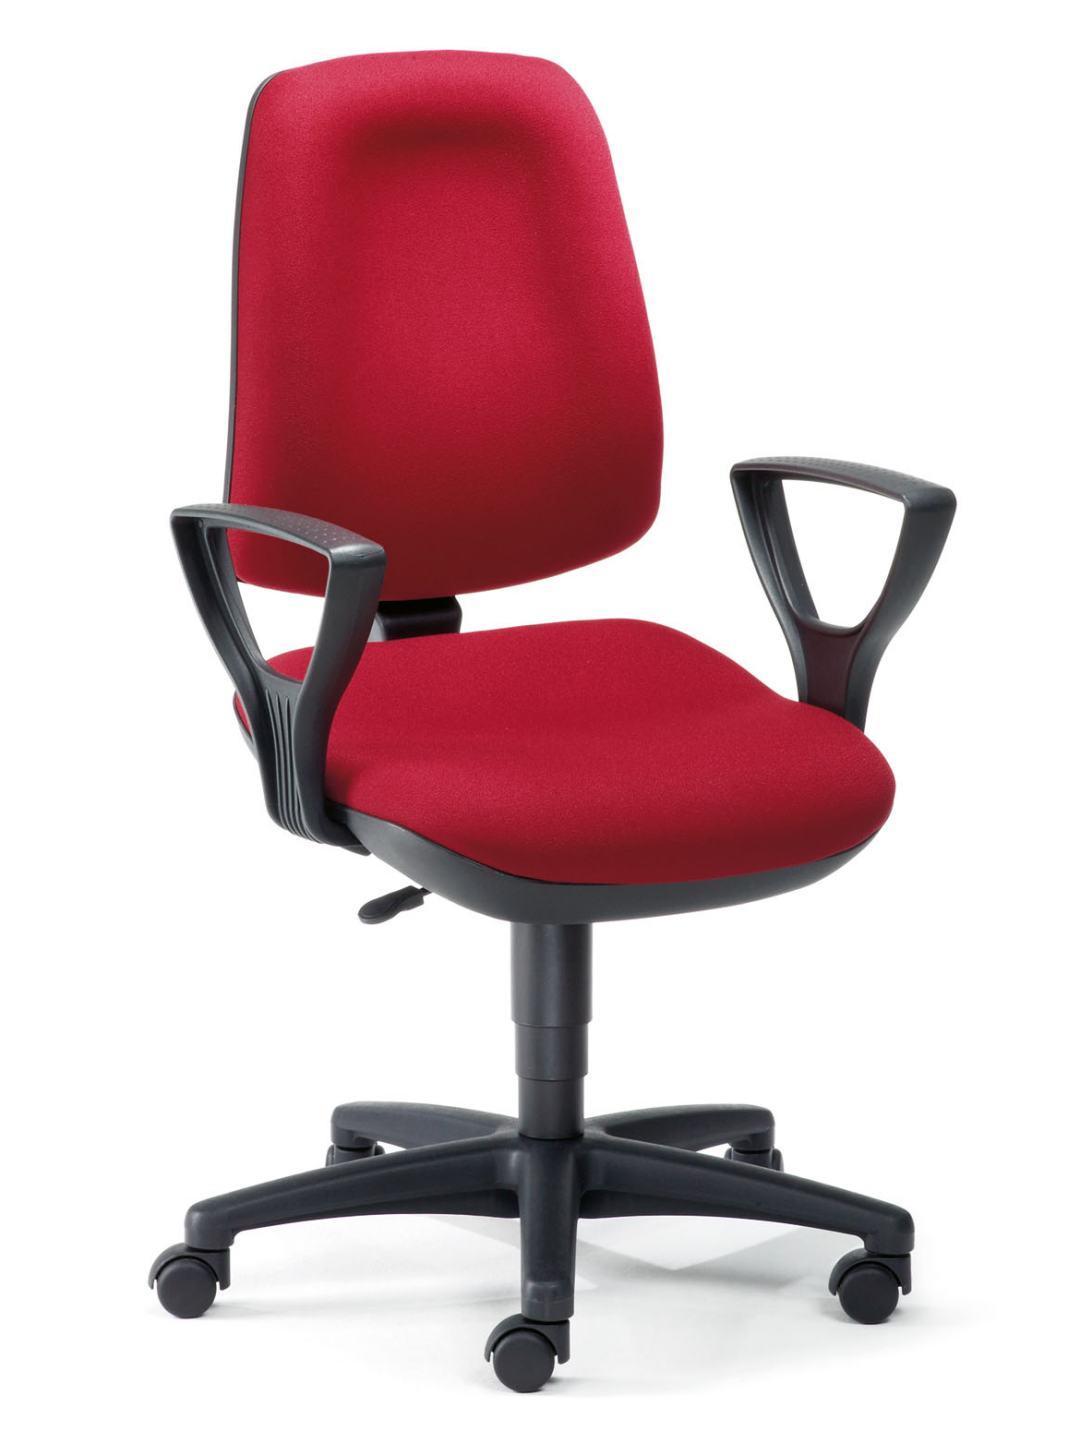 Abbildung bequemer schreibtischstuhl basis line mit bandscheibensitz und armlehnen als - Rot blauer stuhl ...